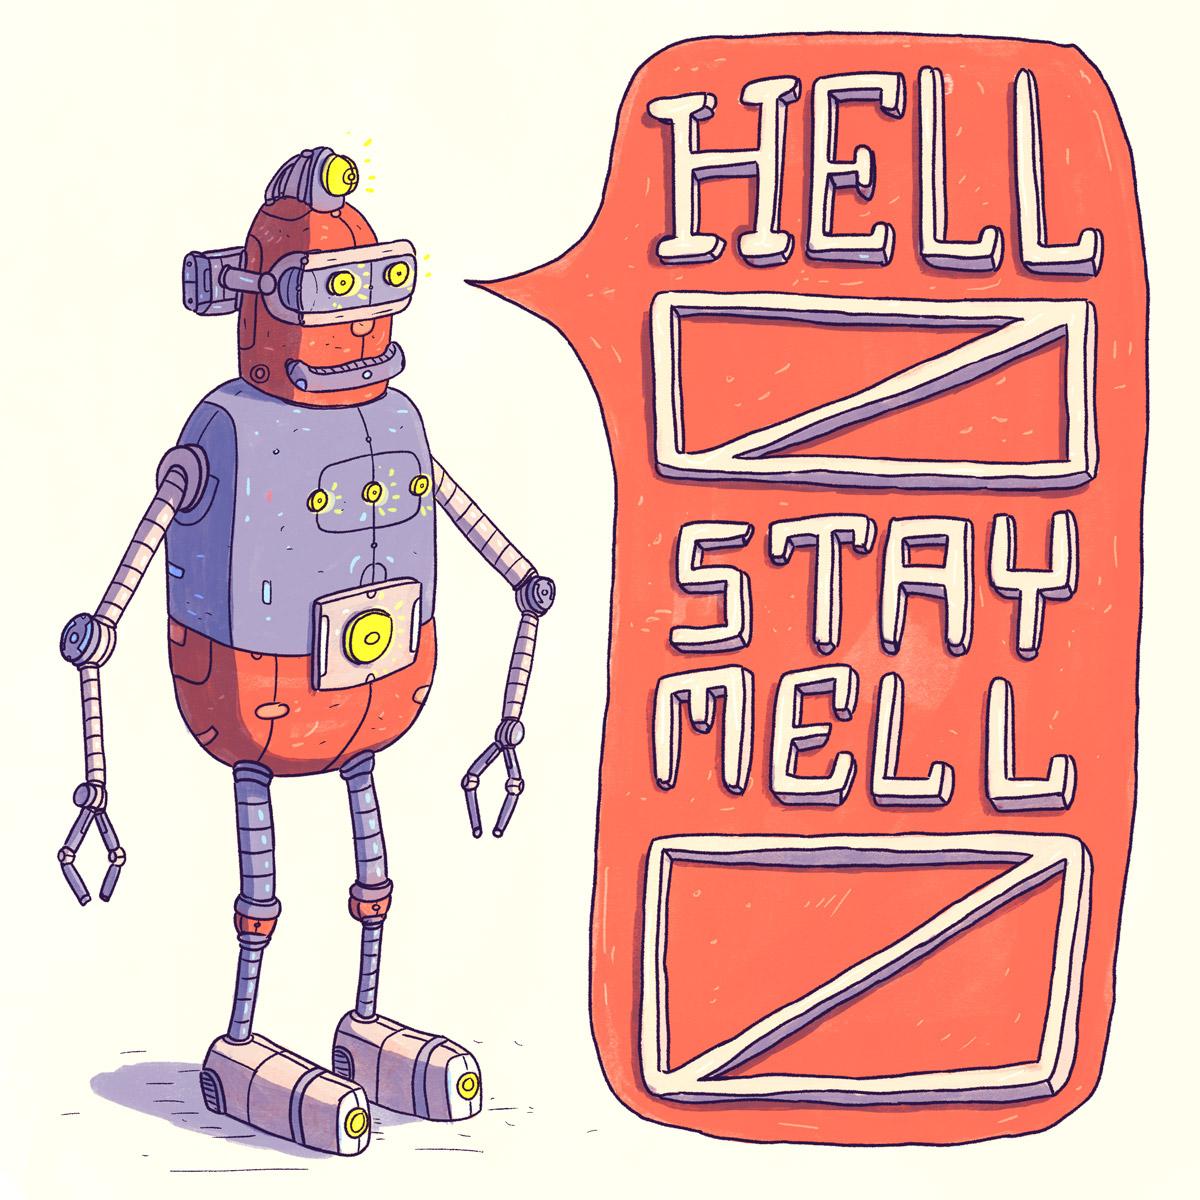 TuesdayRobot